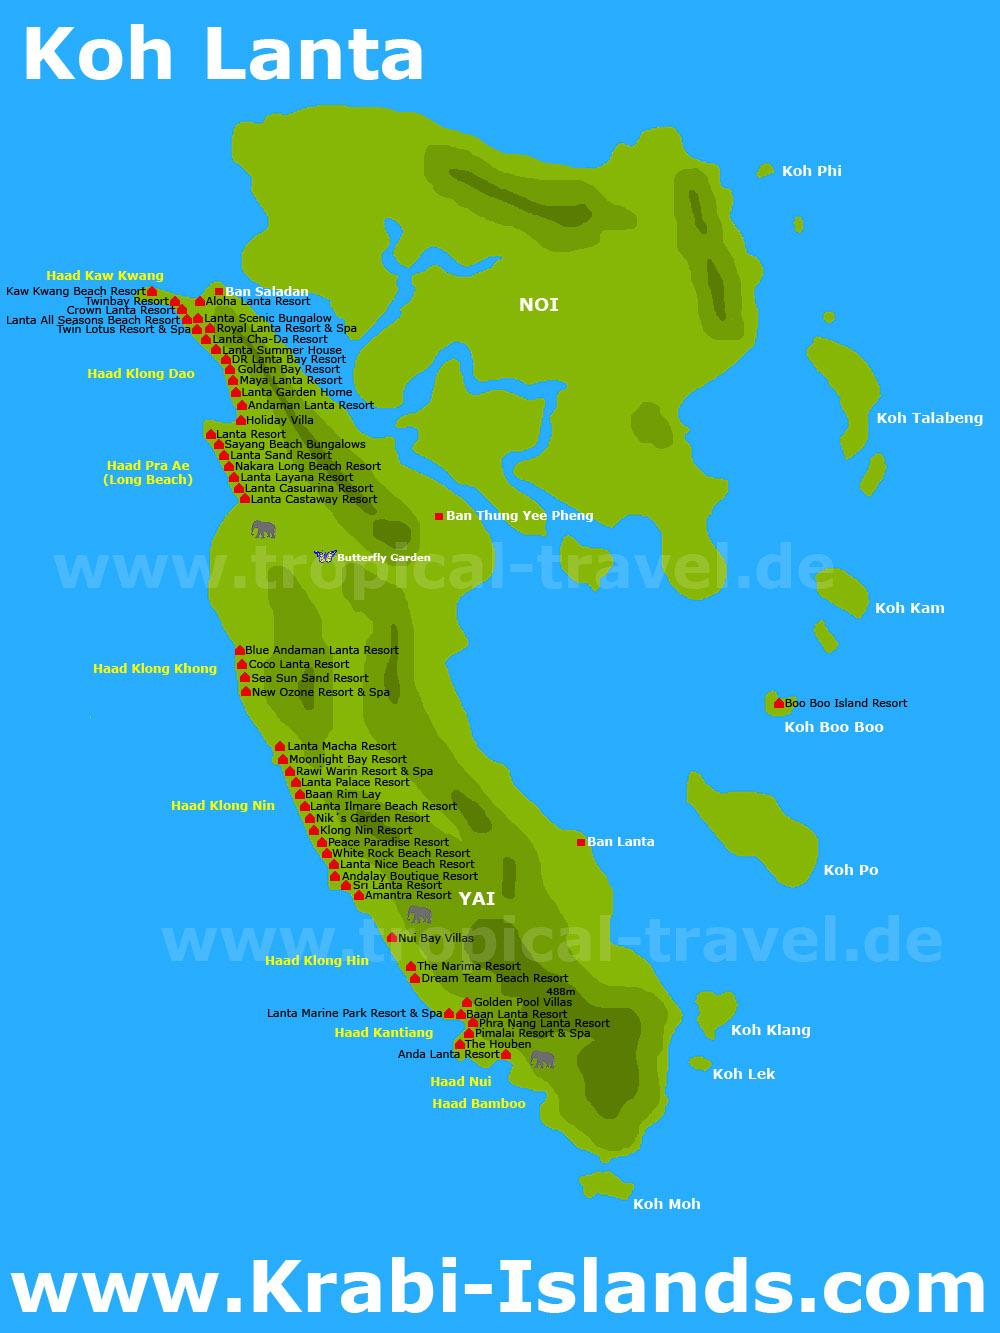 Koh Lanta Krabi Islands Com Willkommen In Der Welt Der